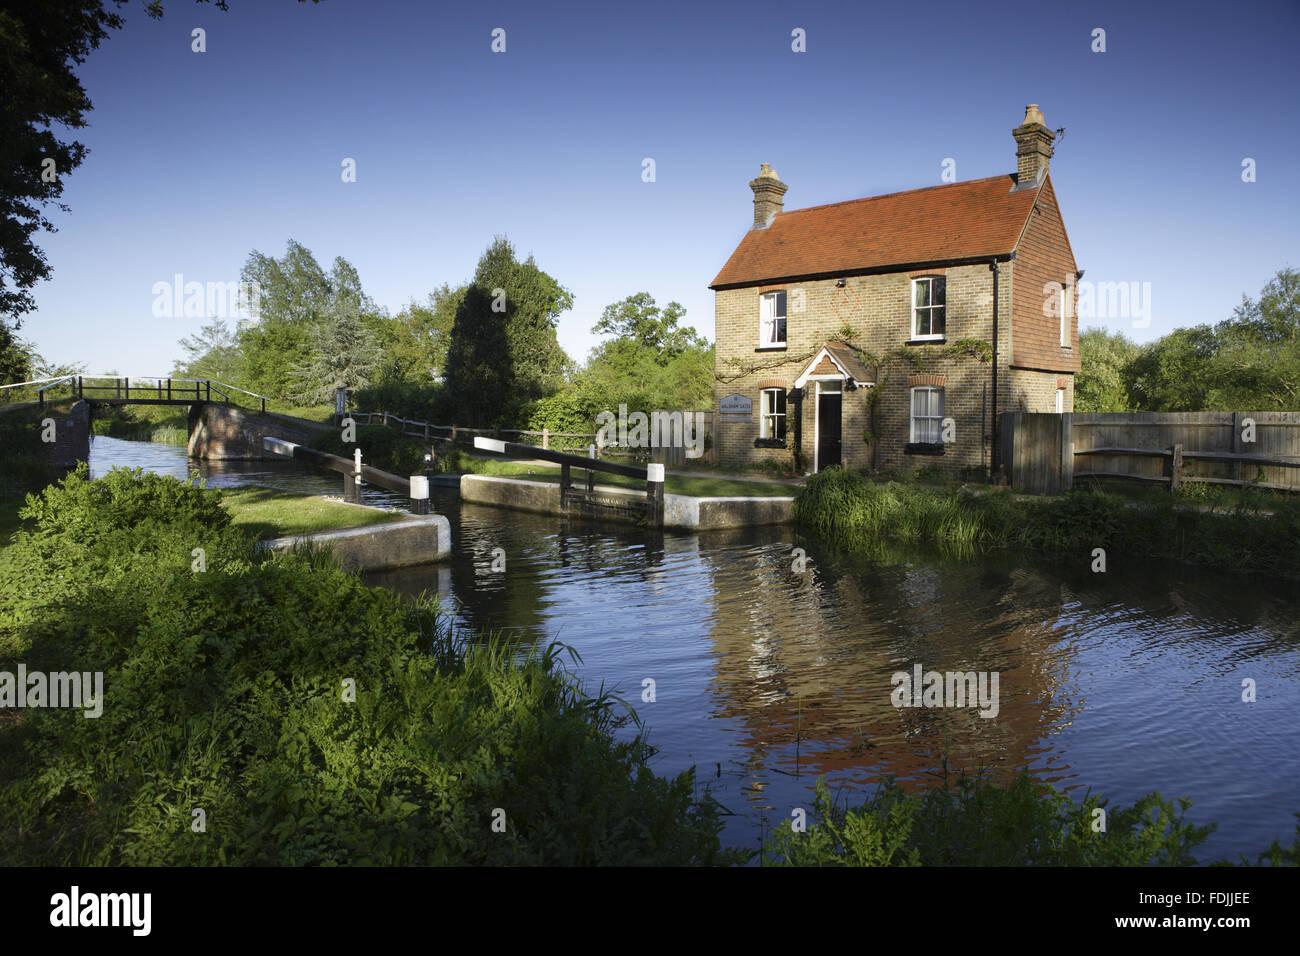 Walsham portes et des éclusiers cottage sur la rivière Wey Navigations, Surrey. Banque D'Images